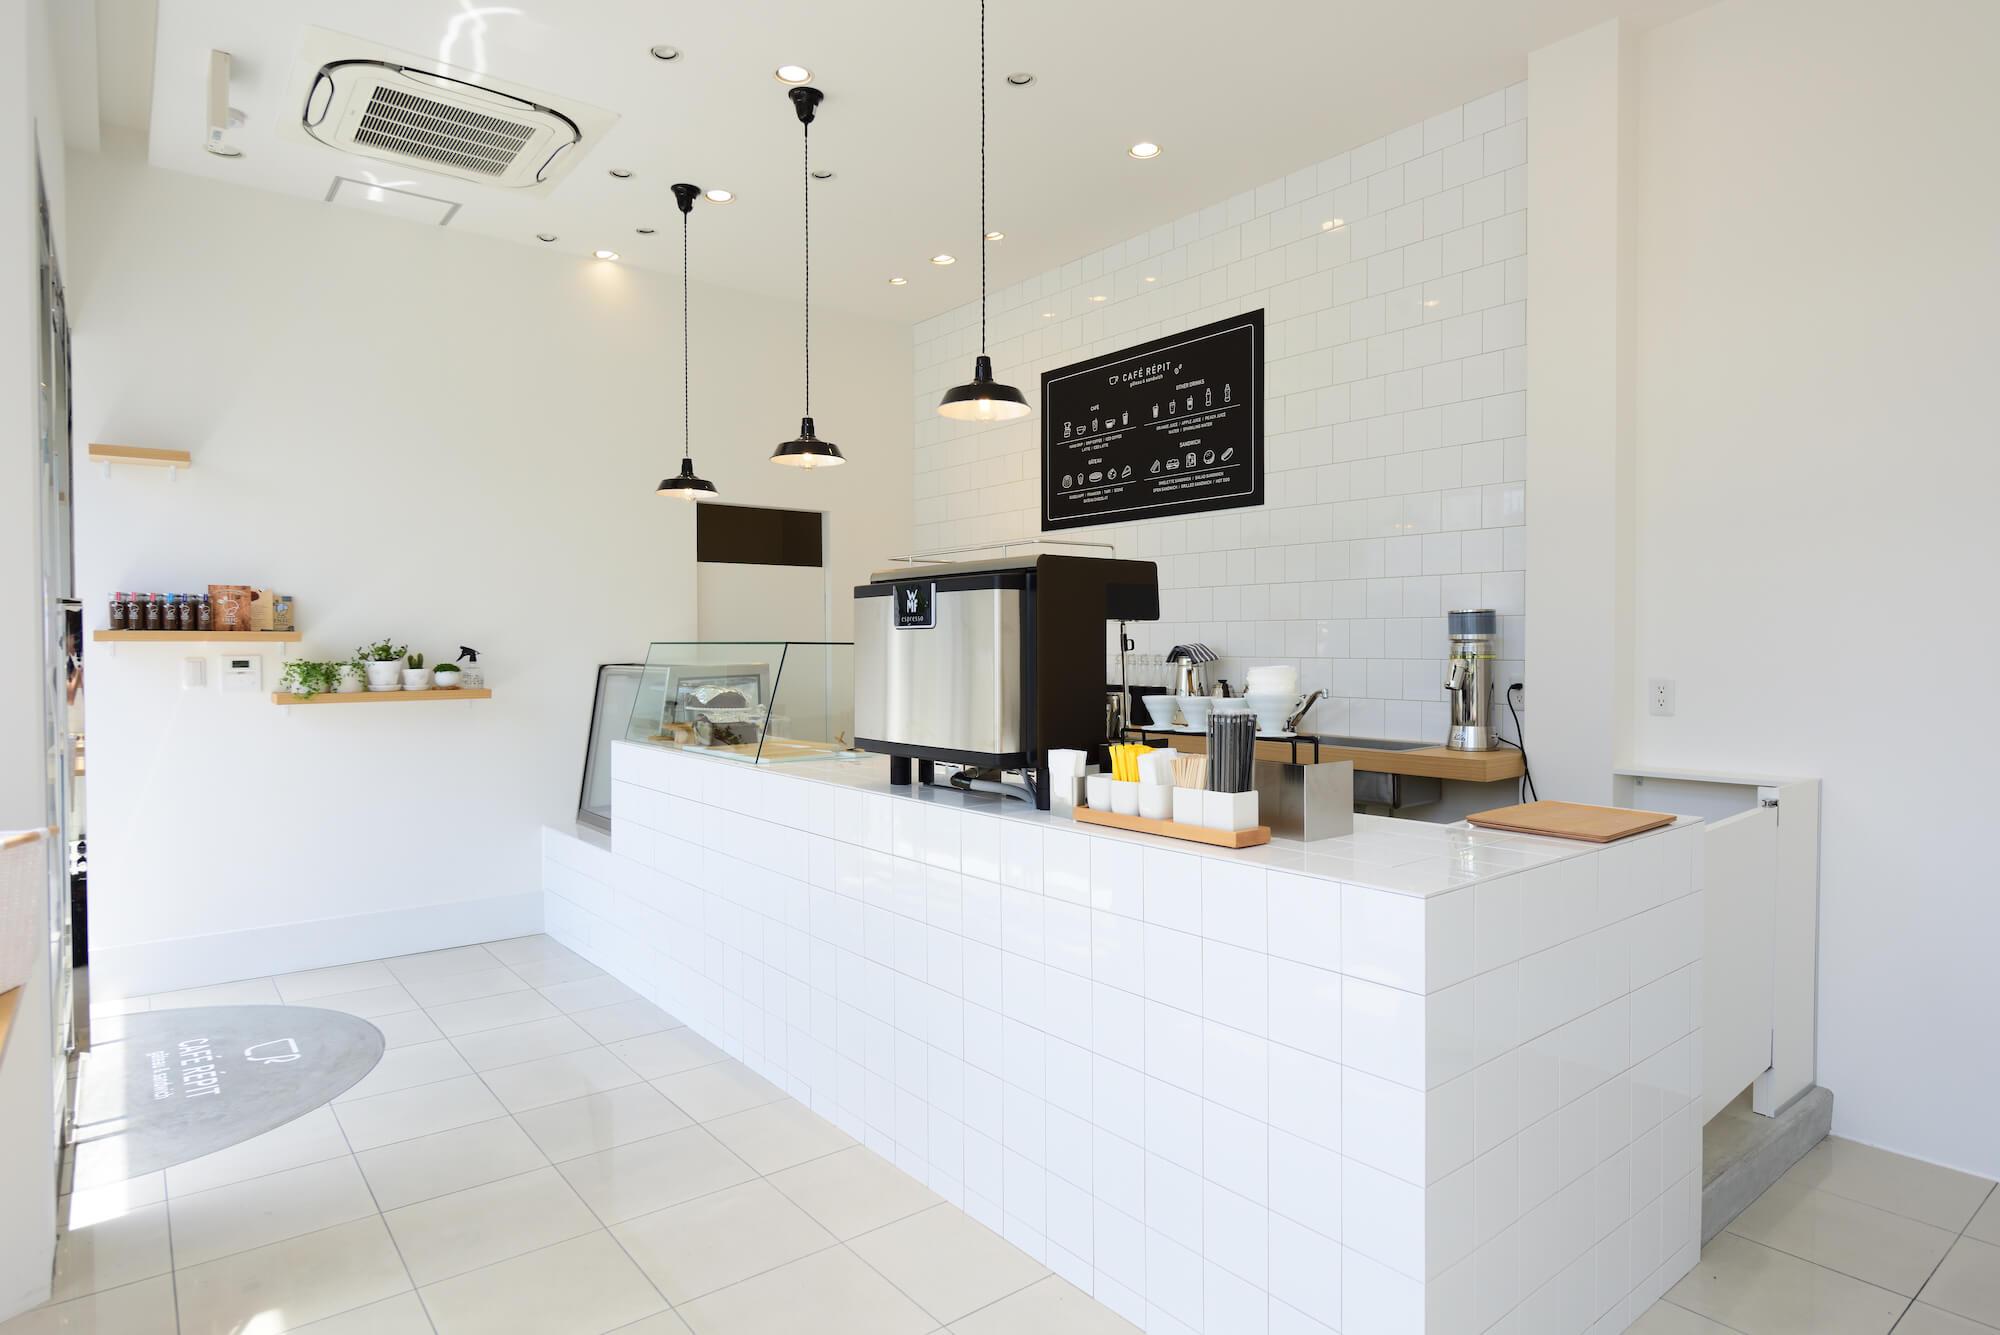 CAFÉ RÉPIT (カフェレピ)の店内